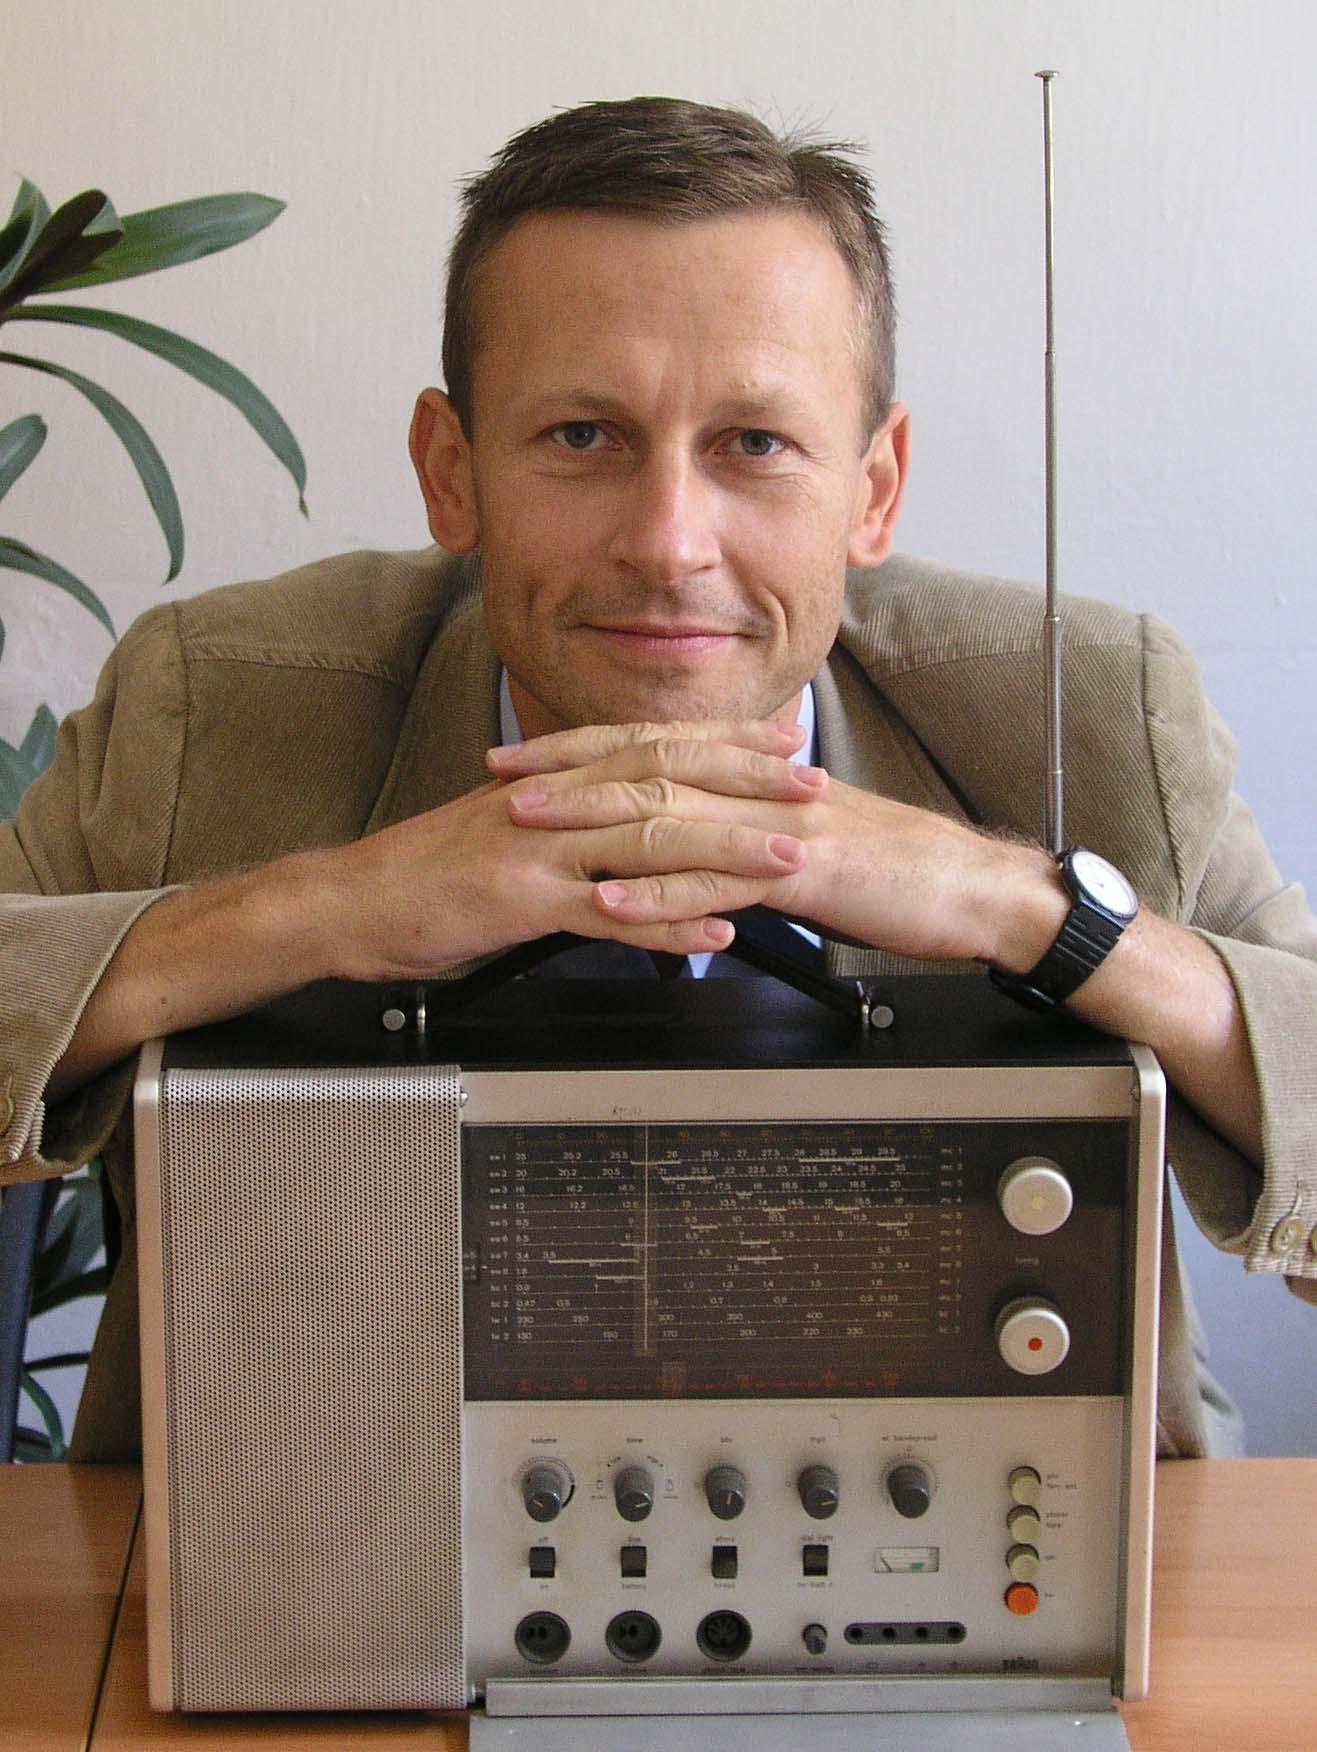 Miroslav Krupicka